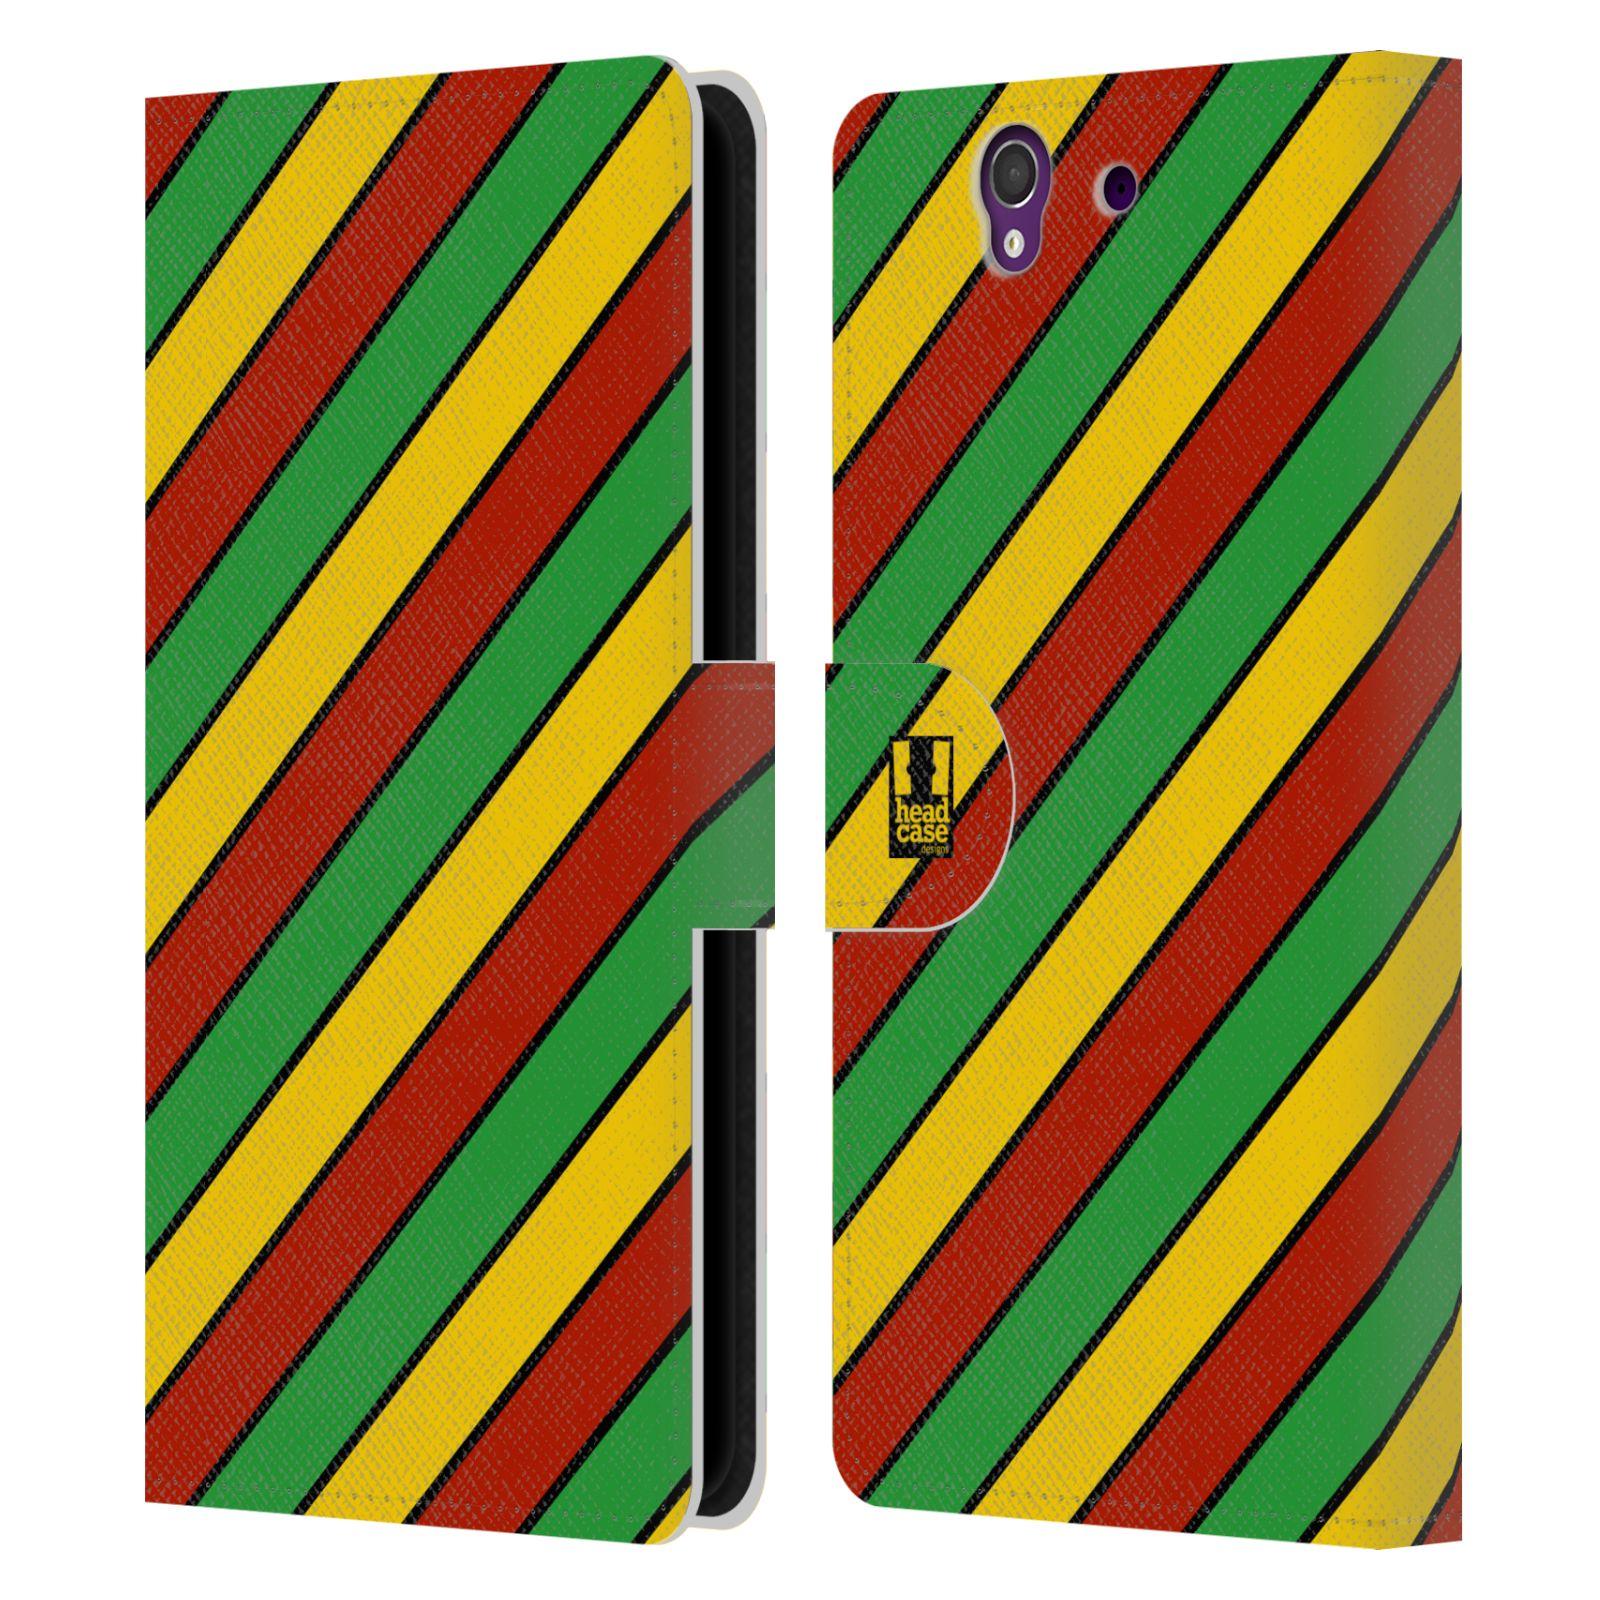 HEAD CASE Flipové pouzdro pro mobil SONY XPERIA Z (C6603) Rastafariánský motiv Jamajka diagonální pruhy